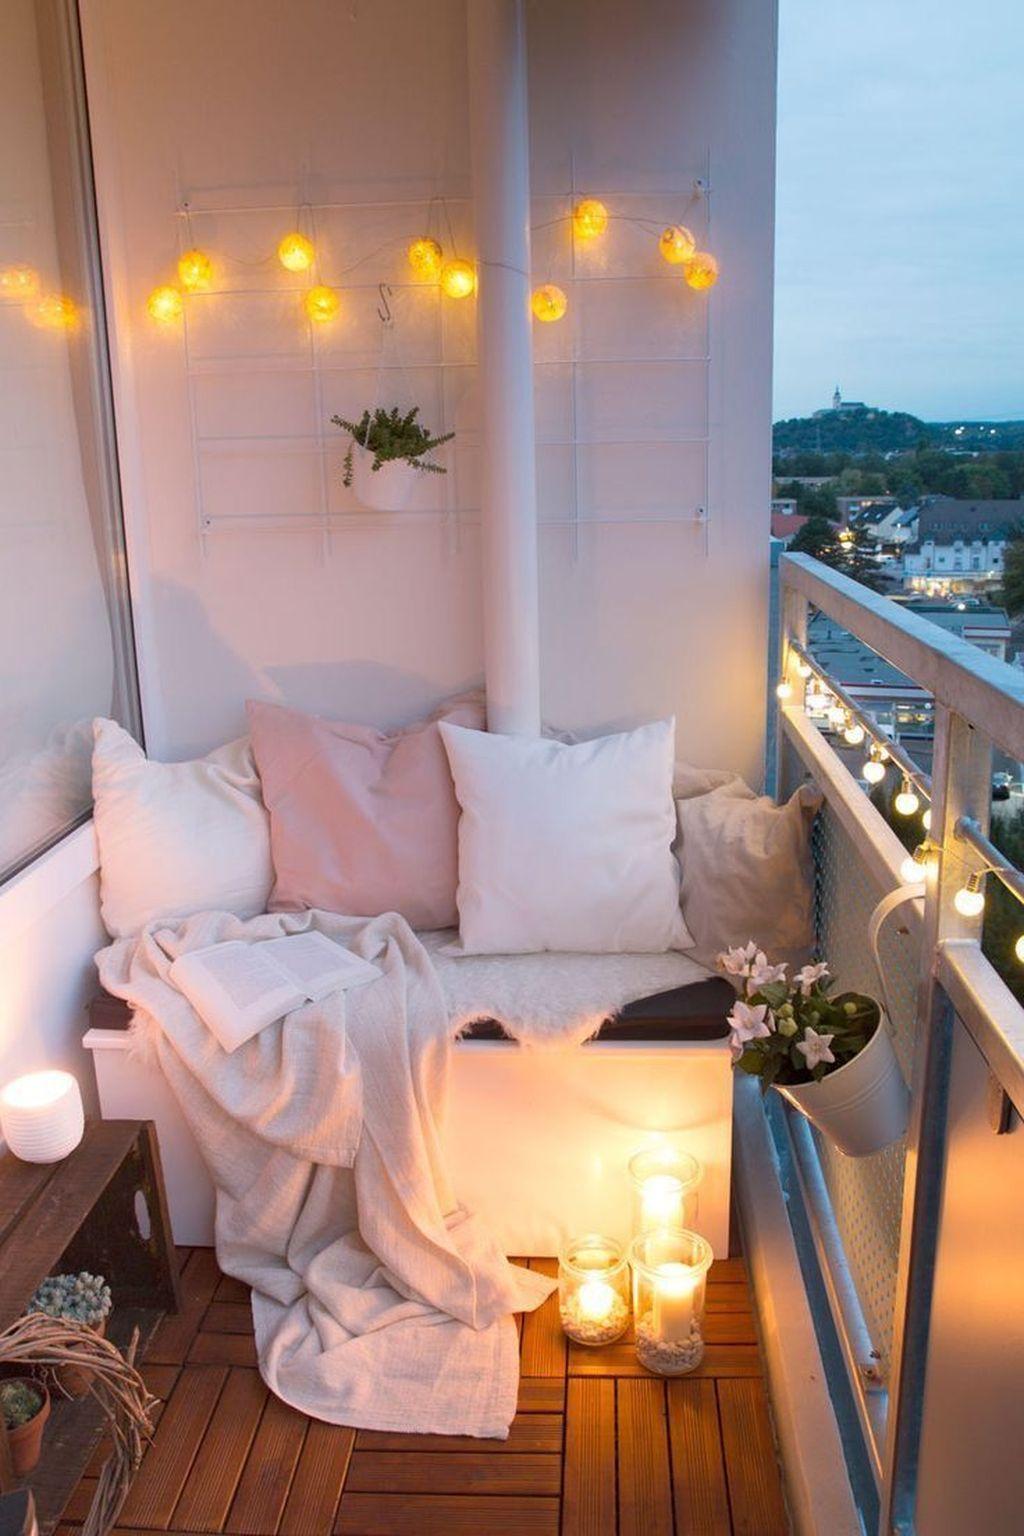 The Best Apartment Balcony Decor Ideas For Fall Season 28